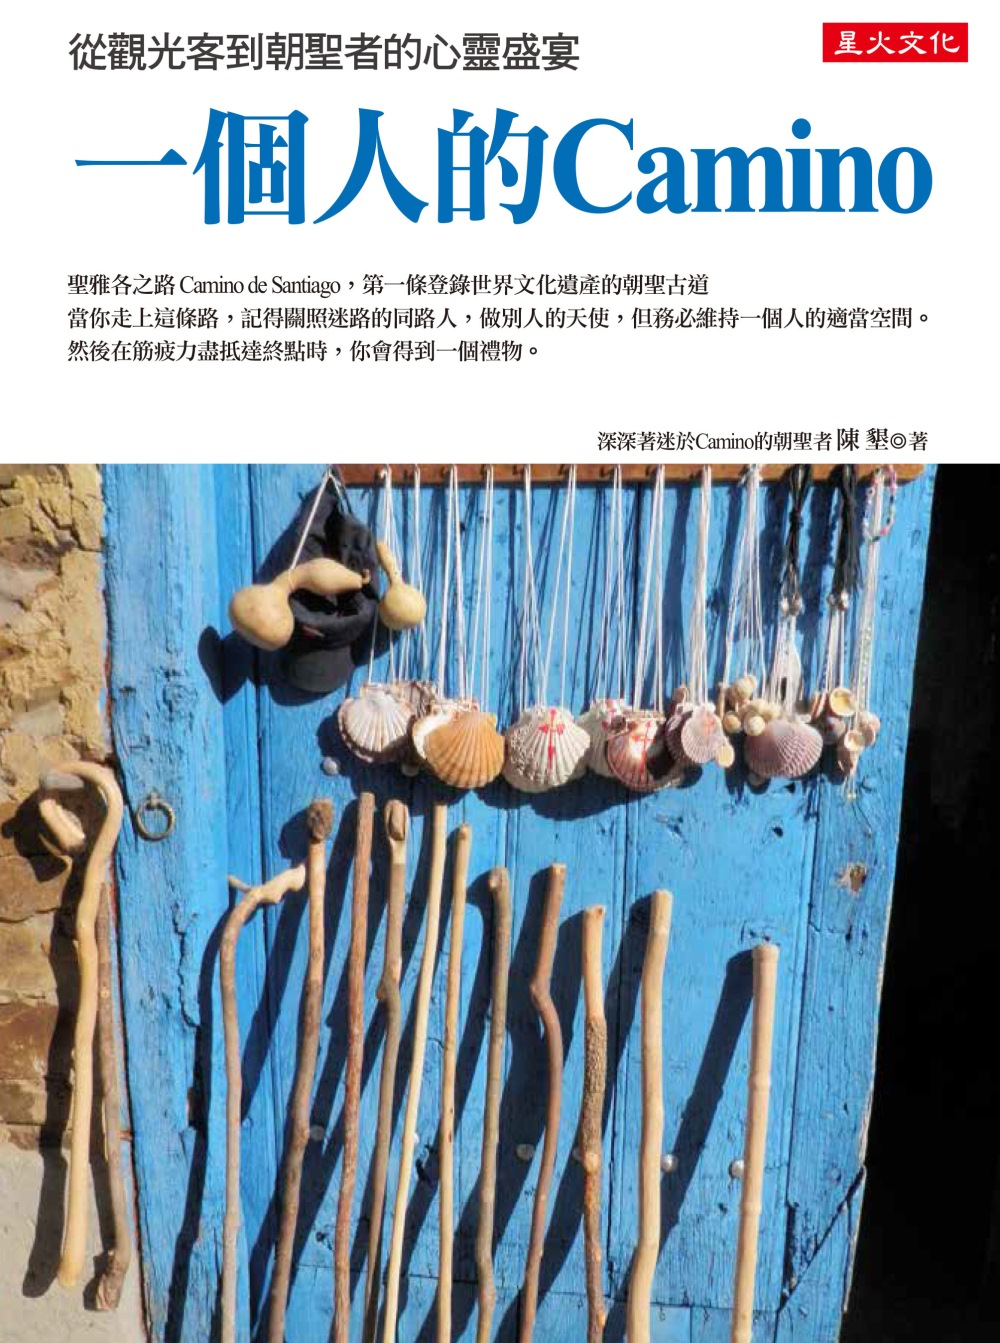 一個人的Camino:從觀光客...